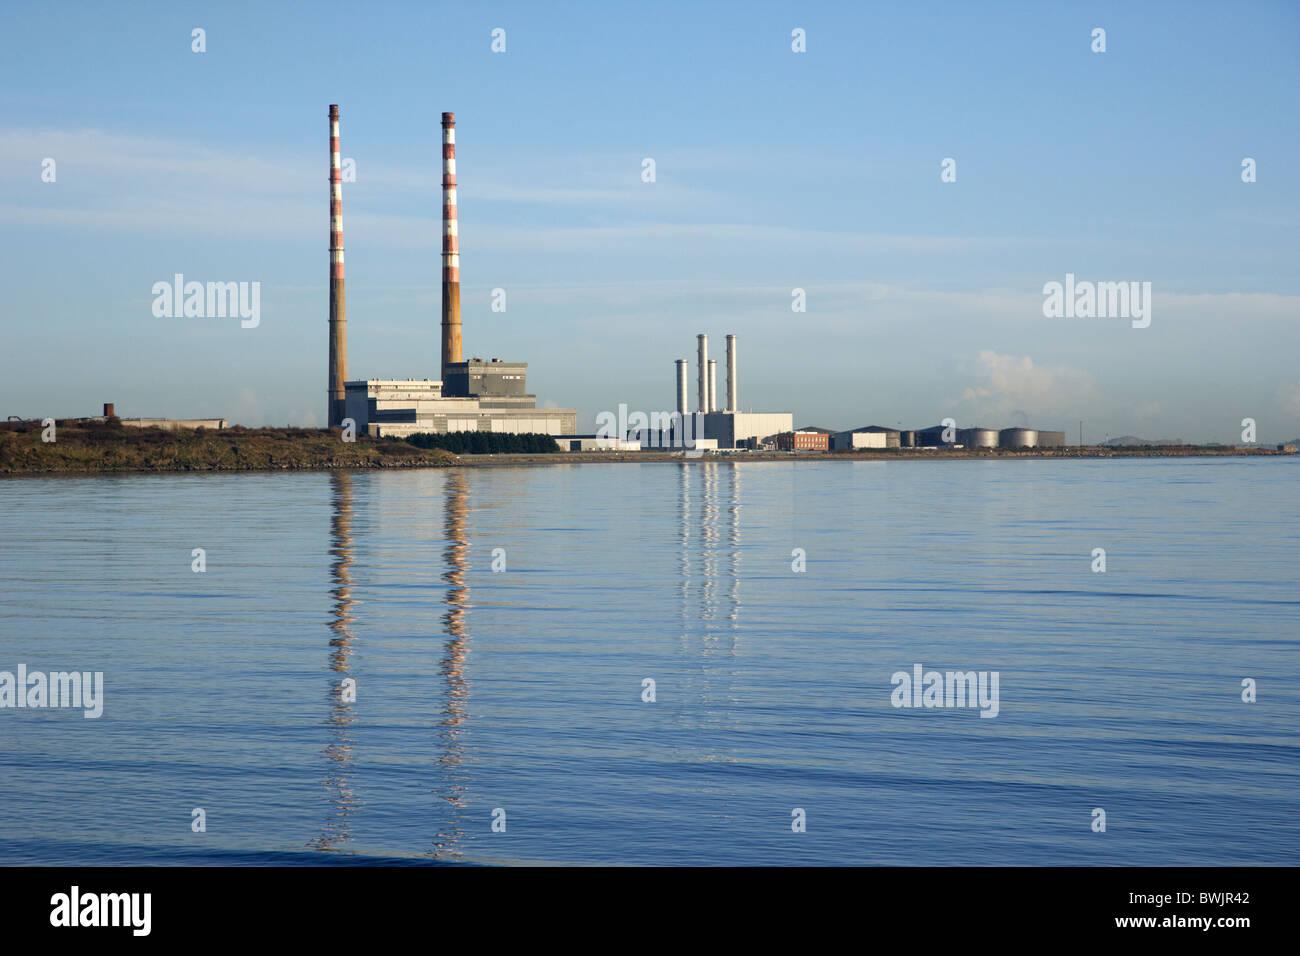 Poolbeg estación generadora de electricidad en la bahía de Dublín, República de Irlanda Foto de stock